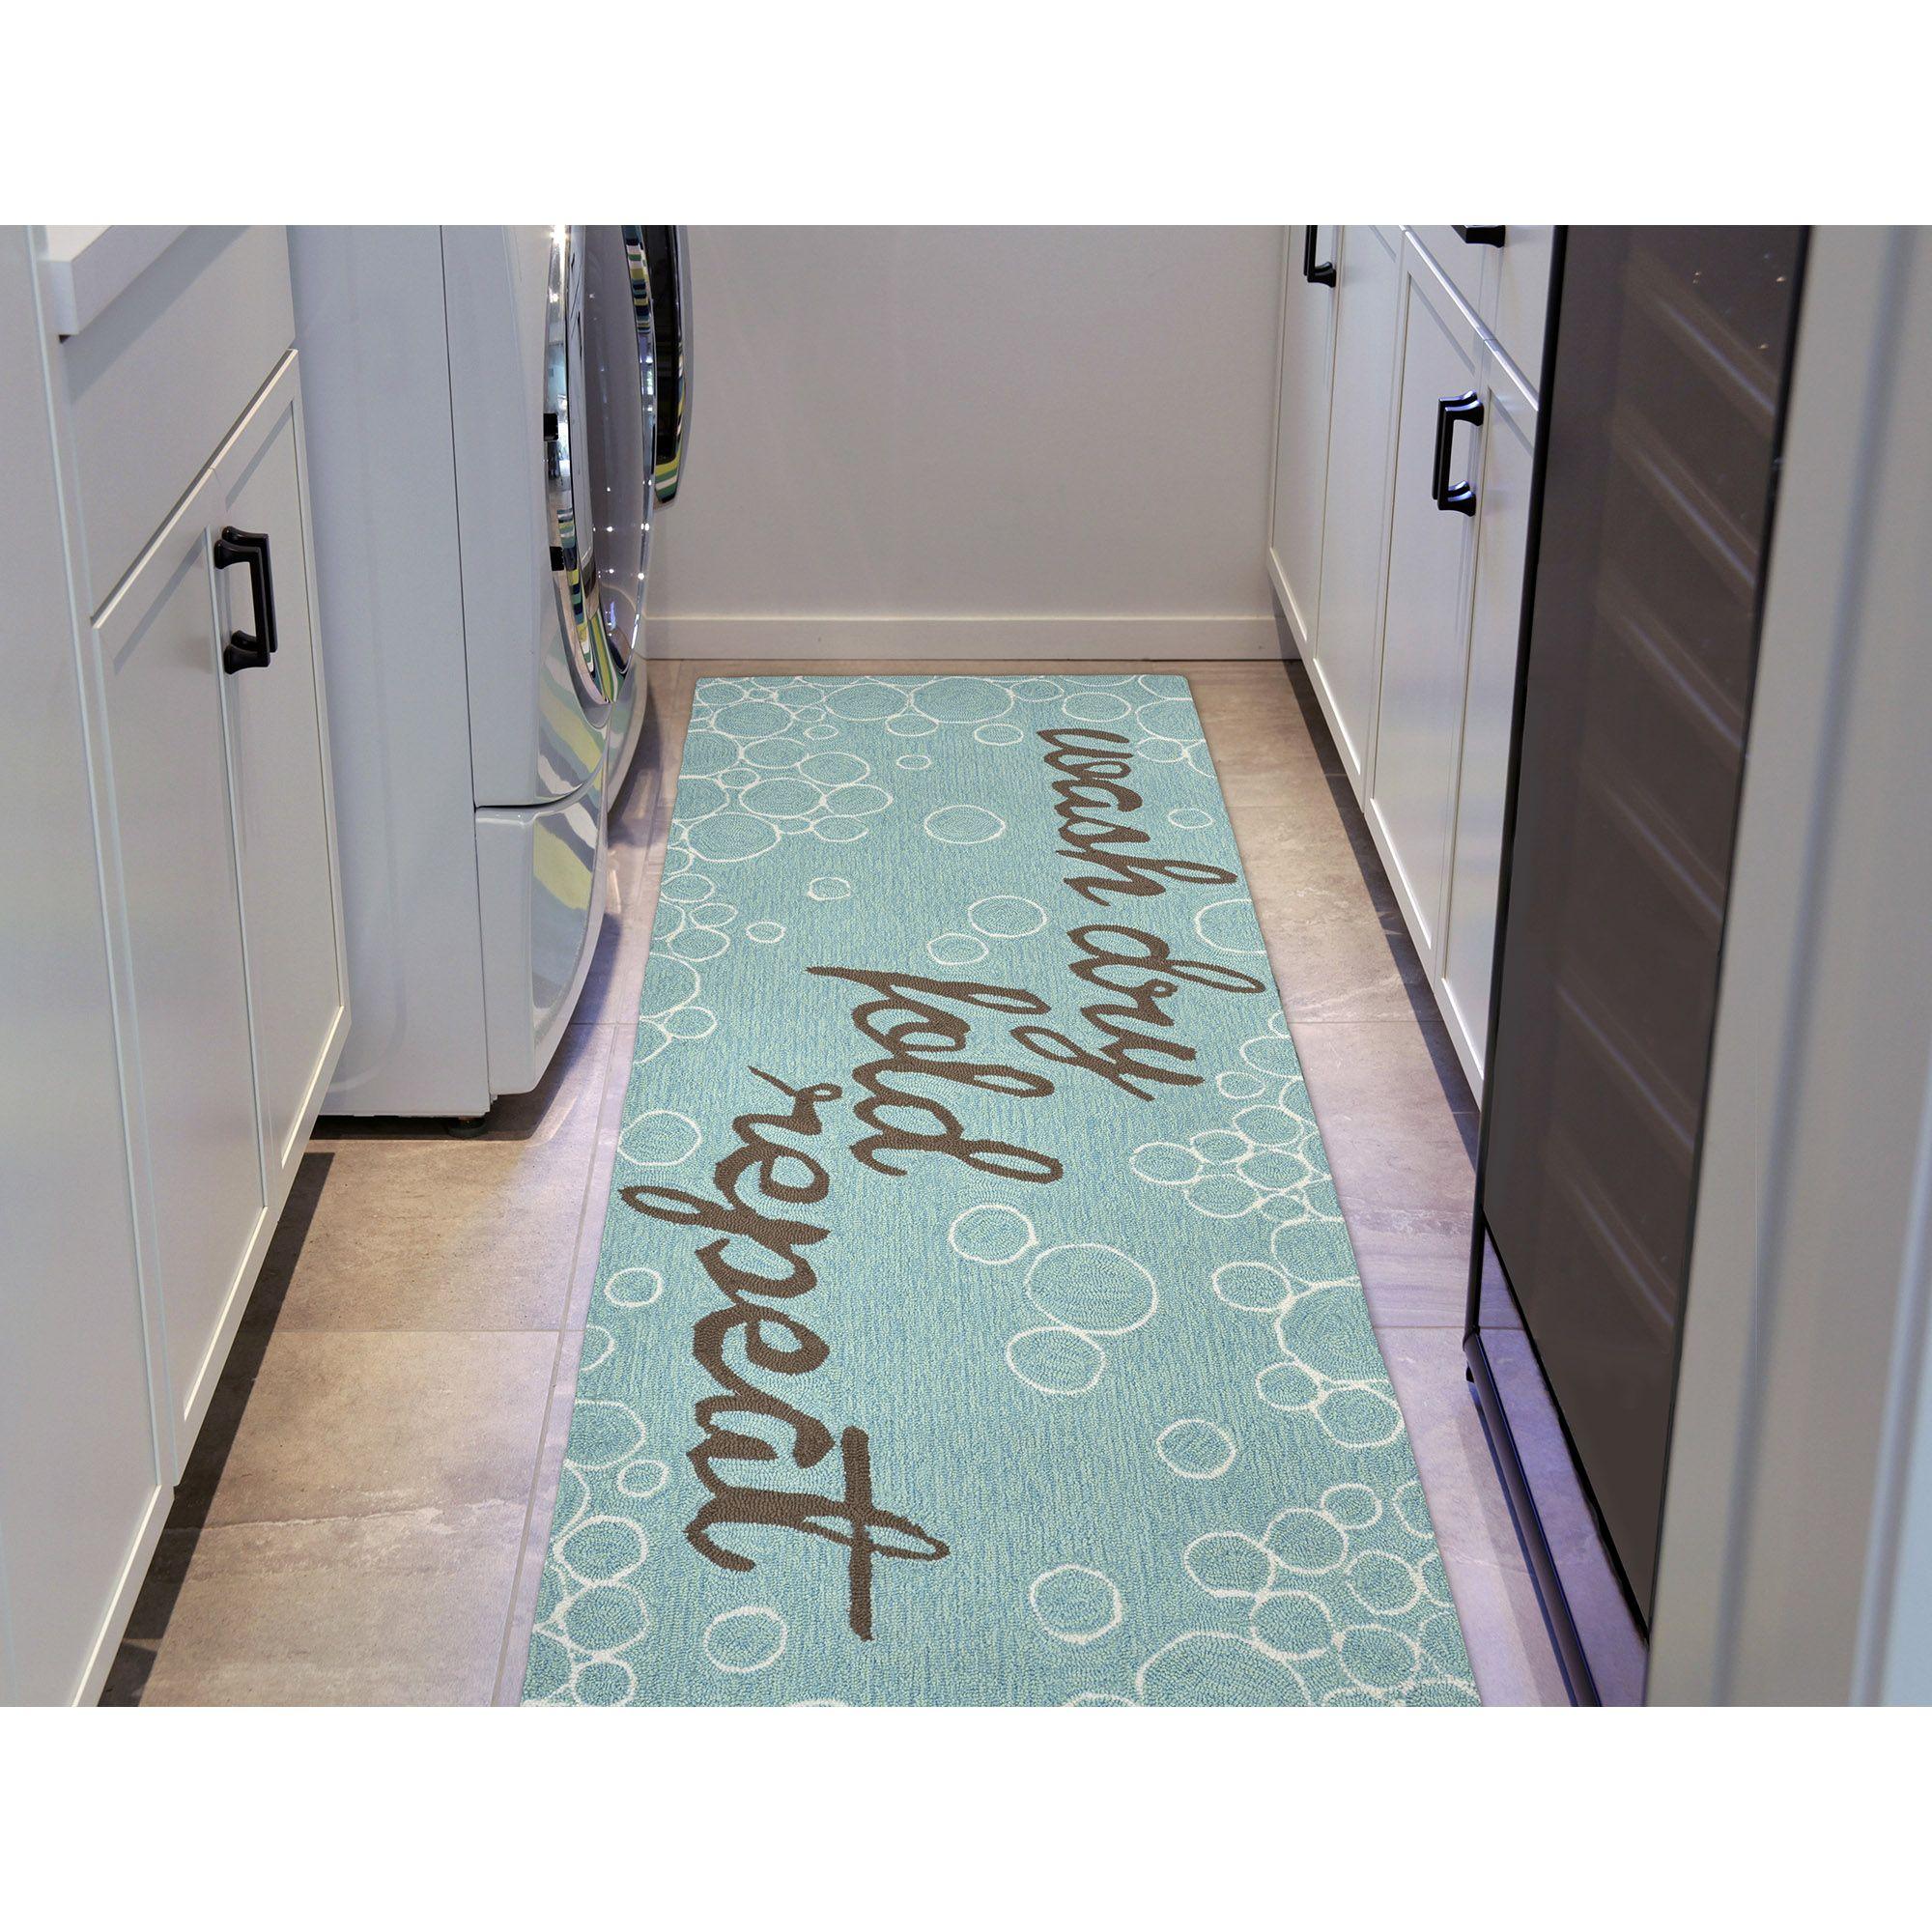 Super Cute Rug For The Laundry Room Aqua Door Indoor Outdoor Rugs Liora Manne